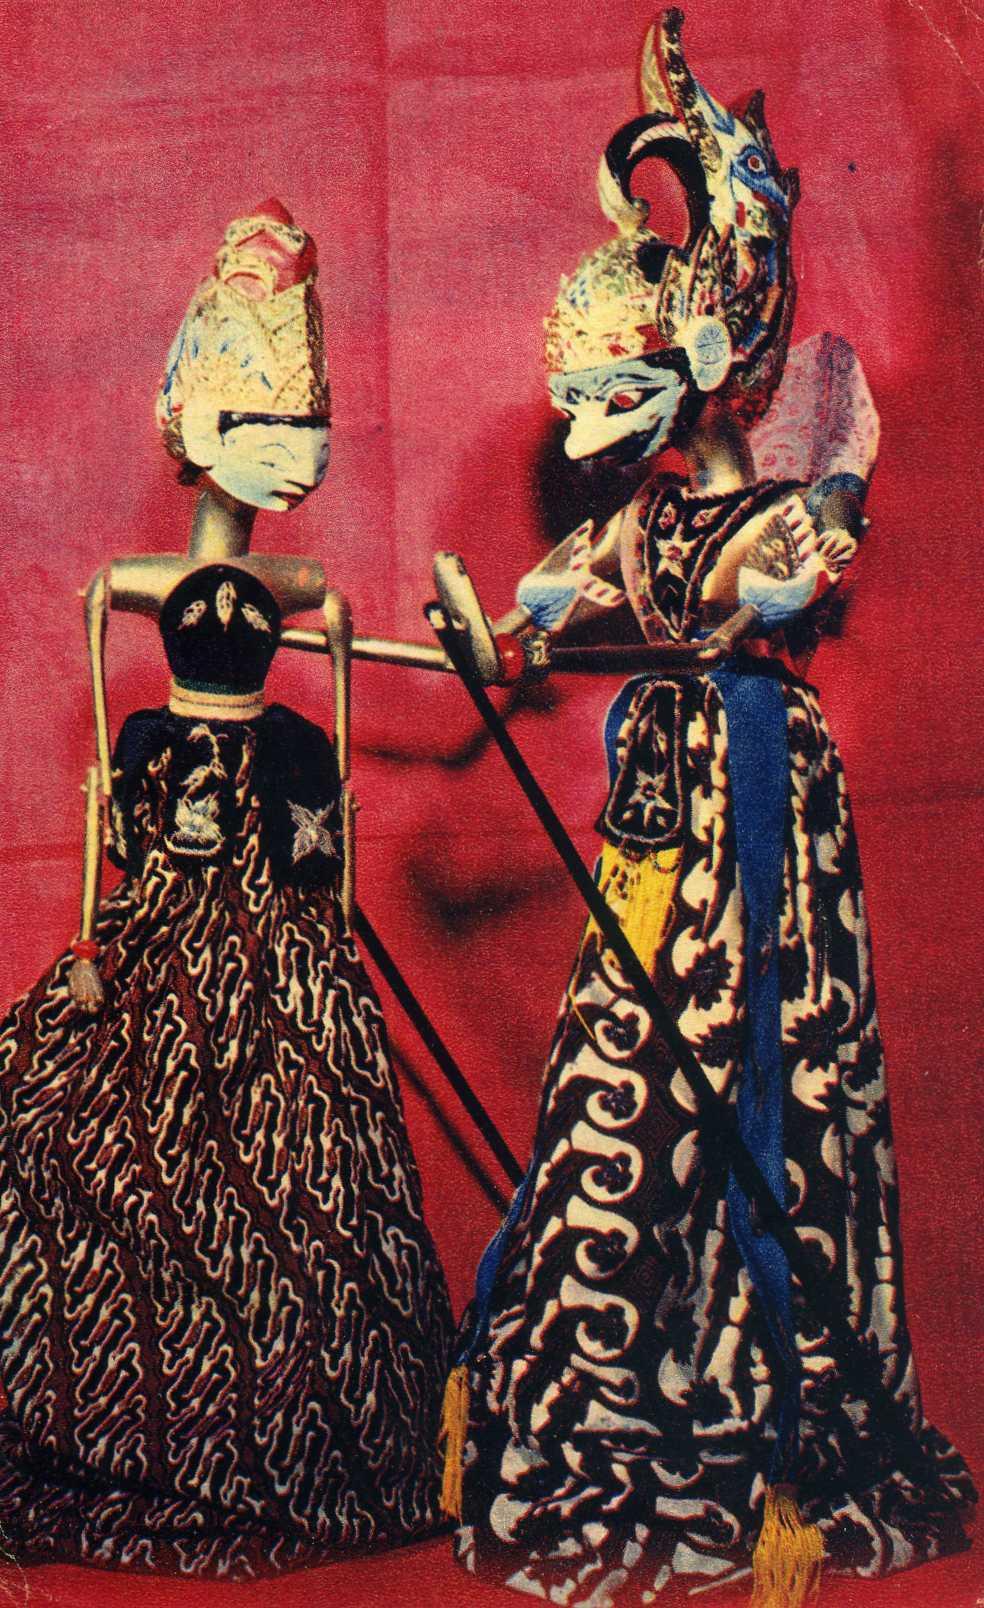 ПРИНЦ ГАТОТКАЙЯ И ПРИНЦЕССА ДЕВИ АРИМБИ. Традиционный театр кукол Индонезии. Музей Государственного центрального театра кукол. Открытка 1968 г.